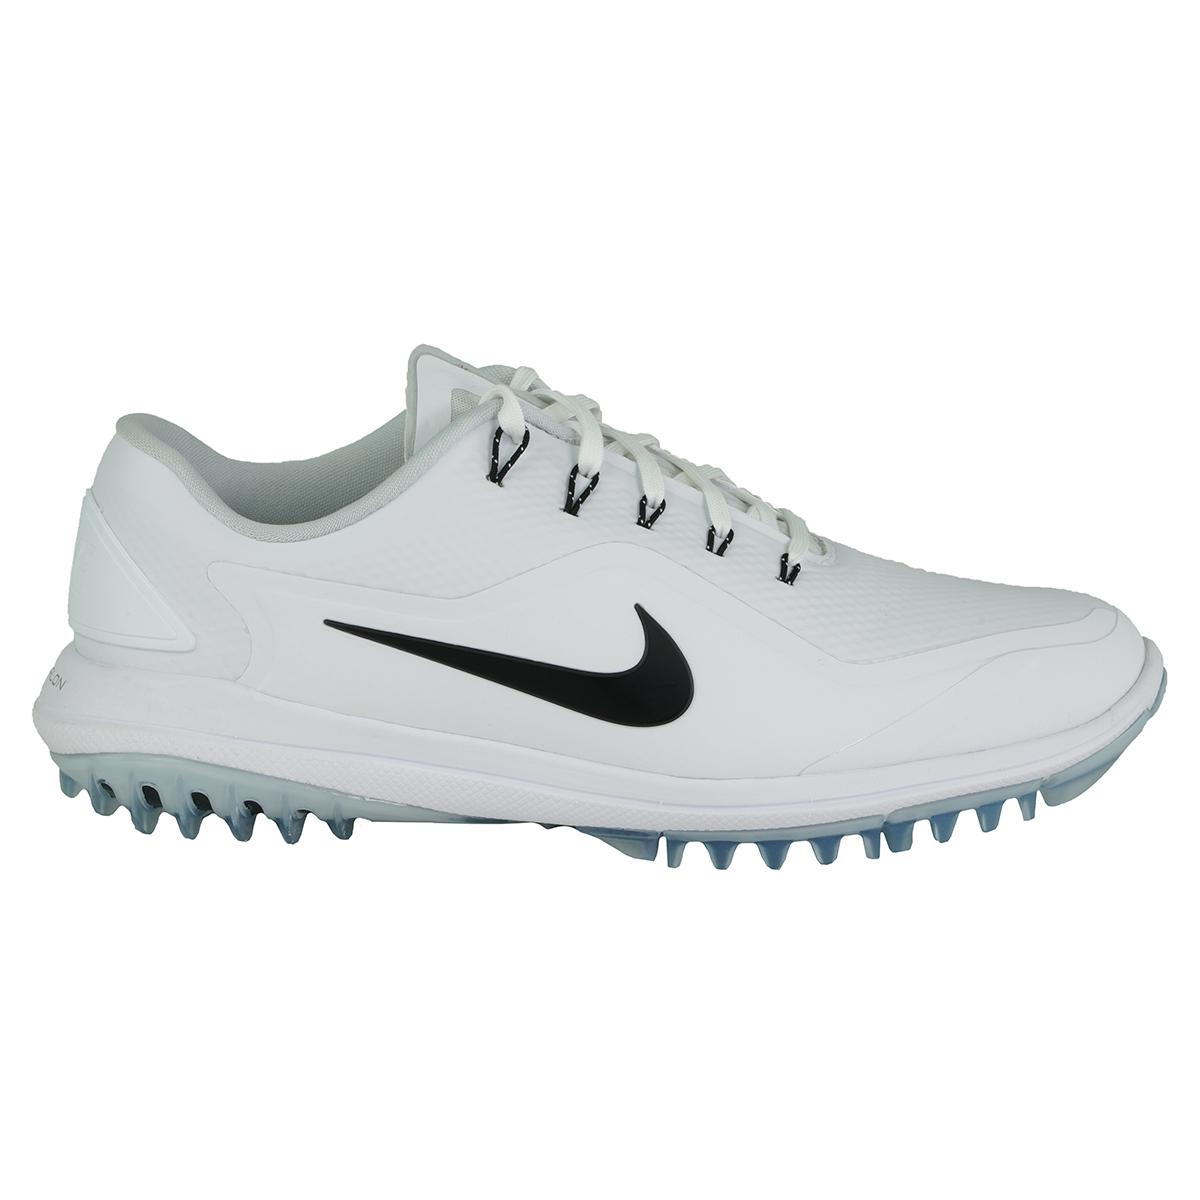 promo code 12f5d 0160e Details about Nike Men s Lunar Control Vapor 2 Golf Shoes White Black 10.5 W